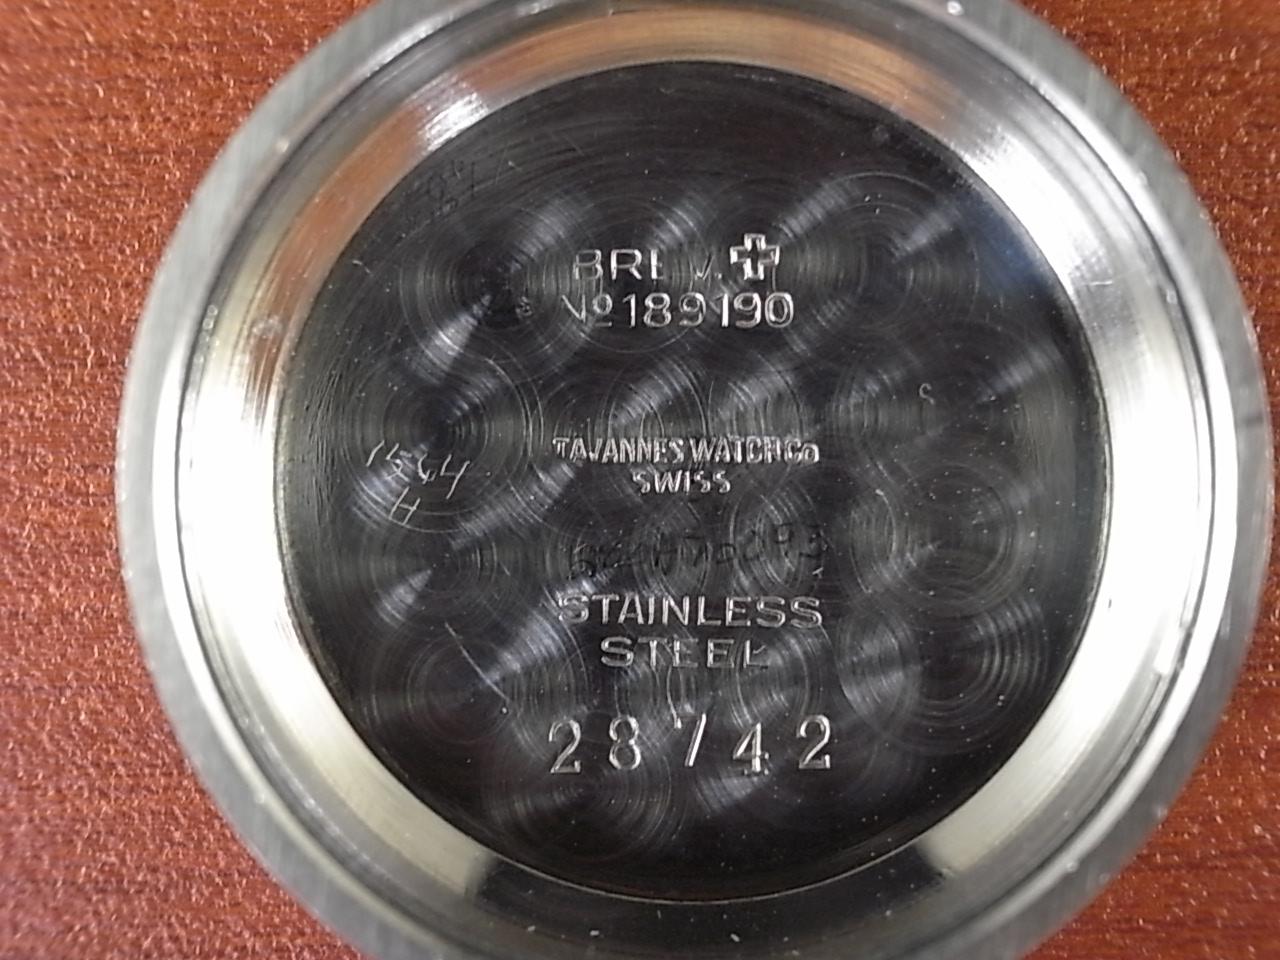 タバン ボーイズサイズ フーデッドラグ 4つビス防水ケース 1940年代の写真6枚目